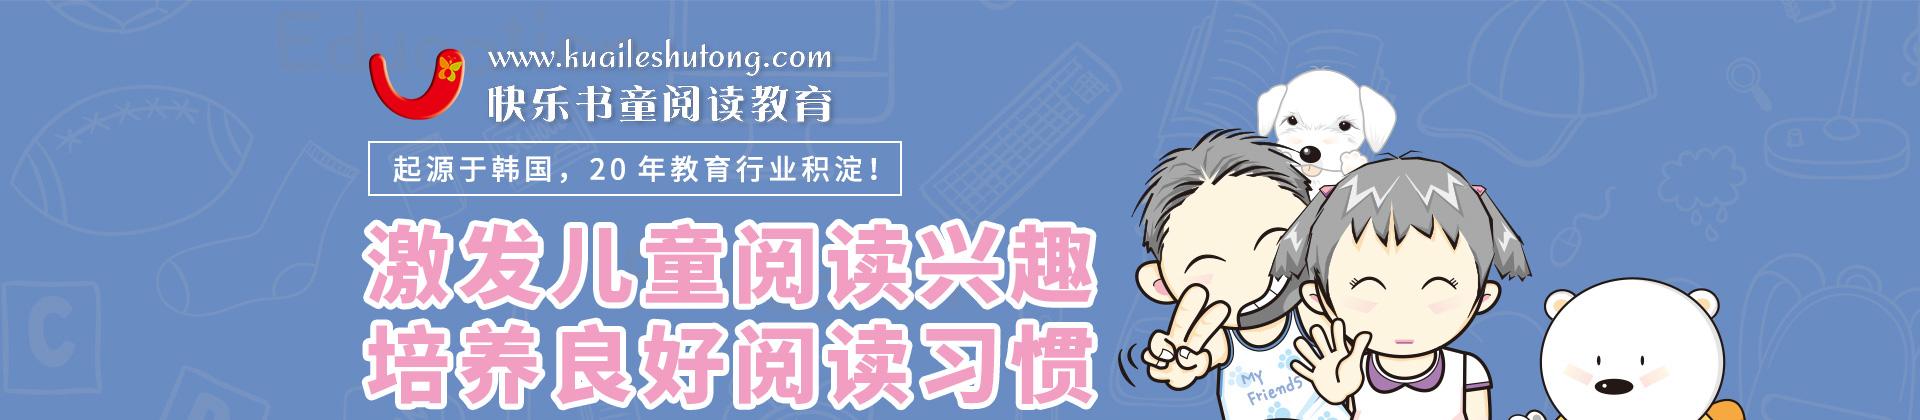 快乐书童阅读馆PC-快乐书童-许小琥_01